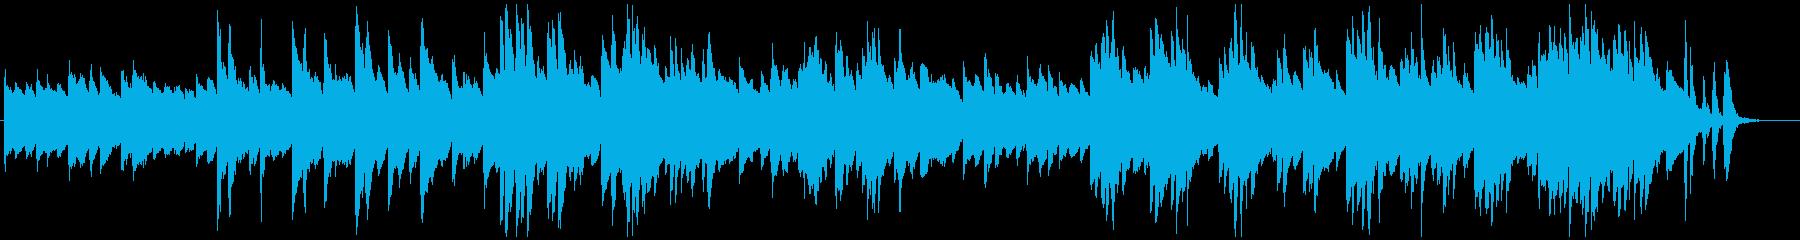 印象派風のピアノソロの再生済みの波形